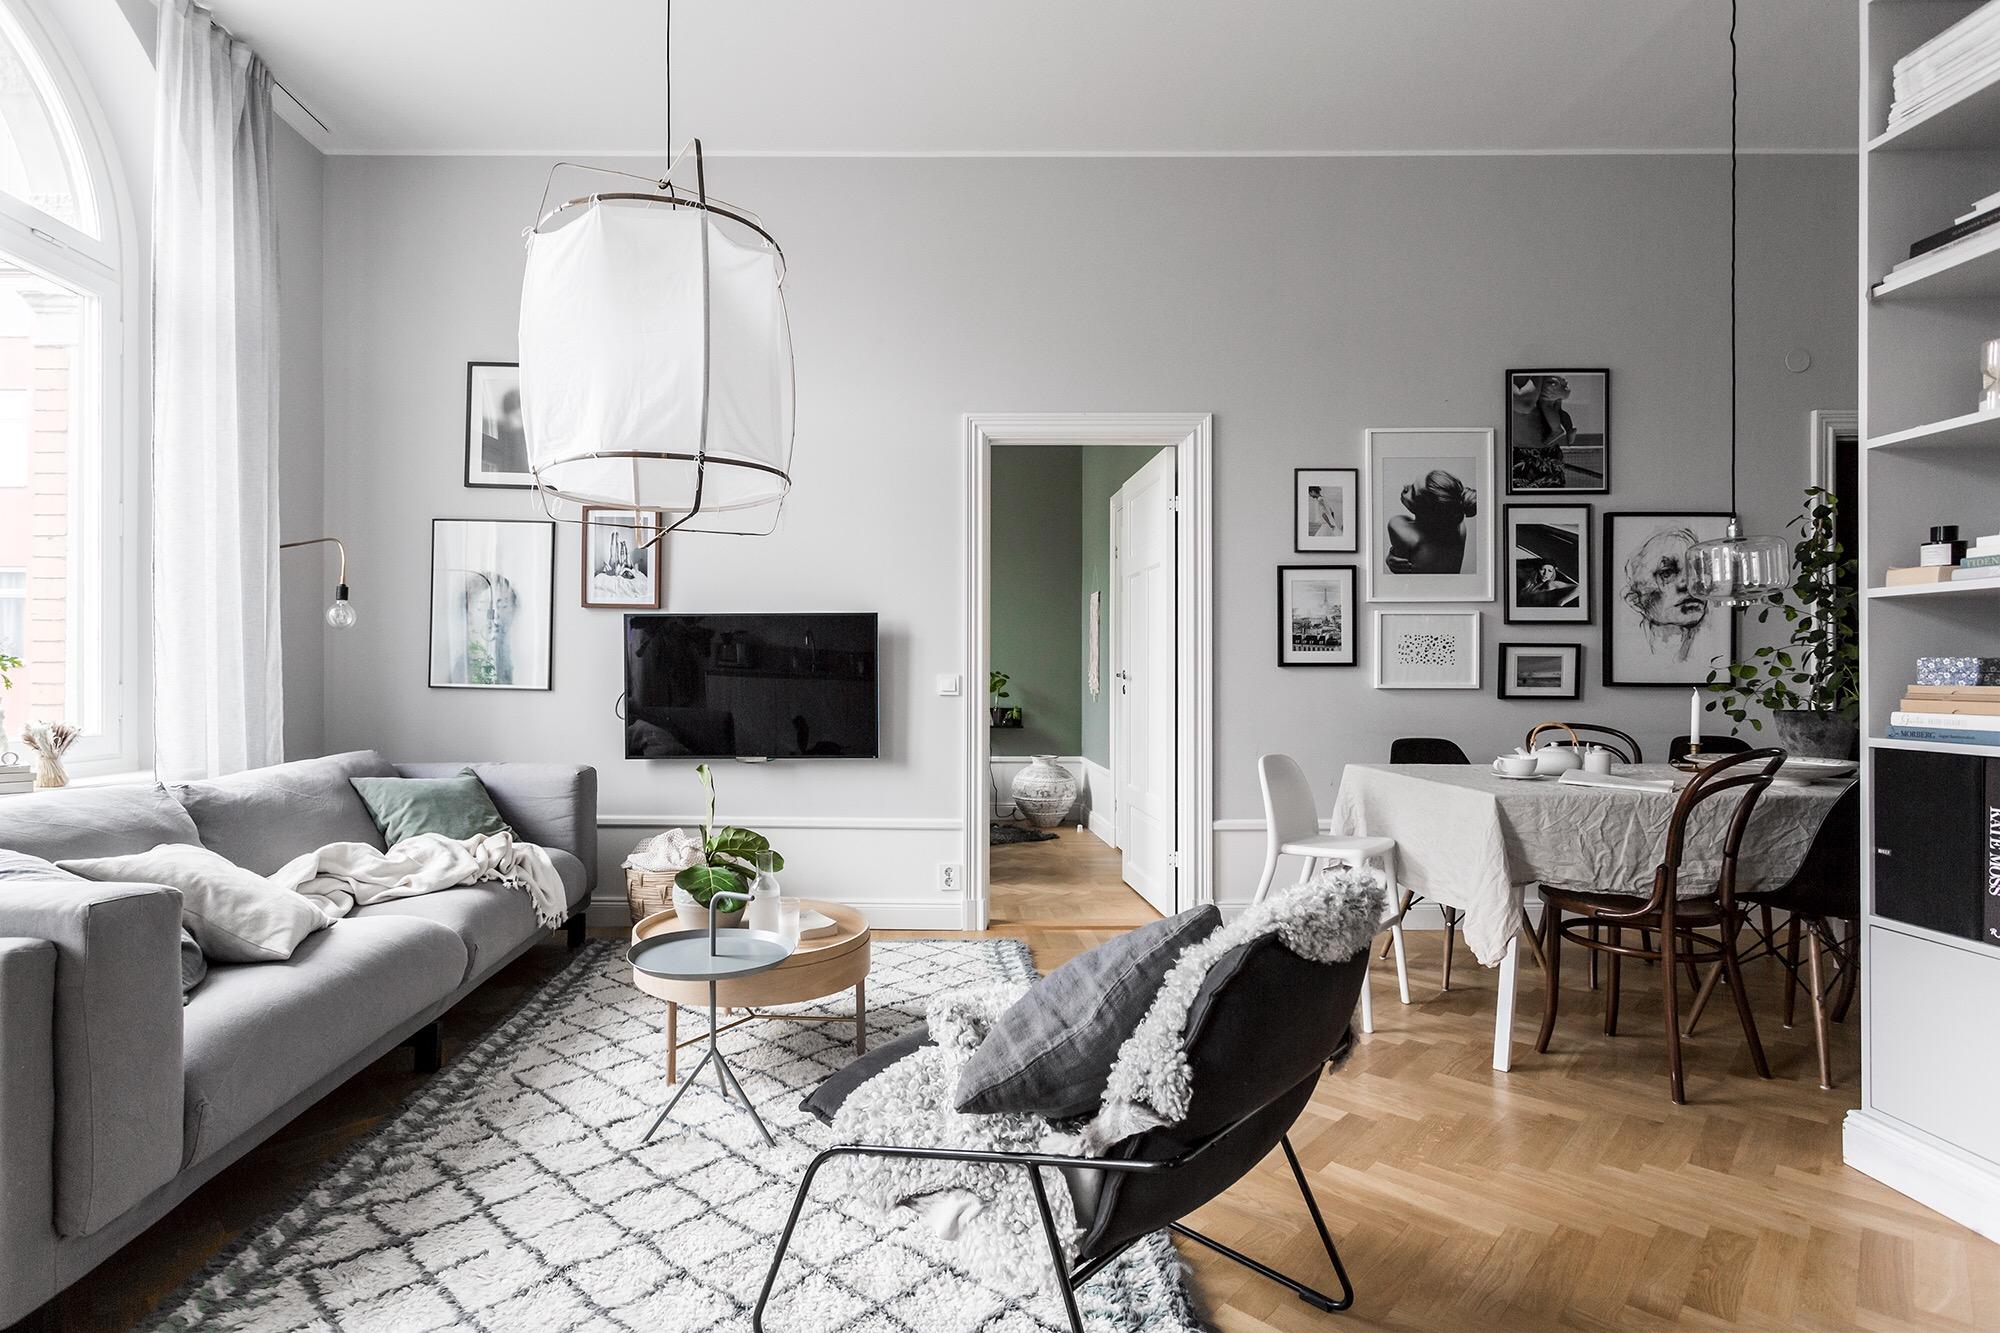 гостиная ковер лампа стулья